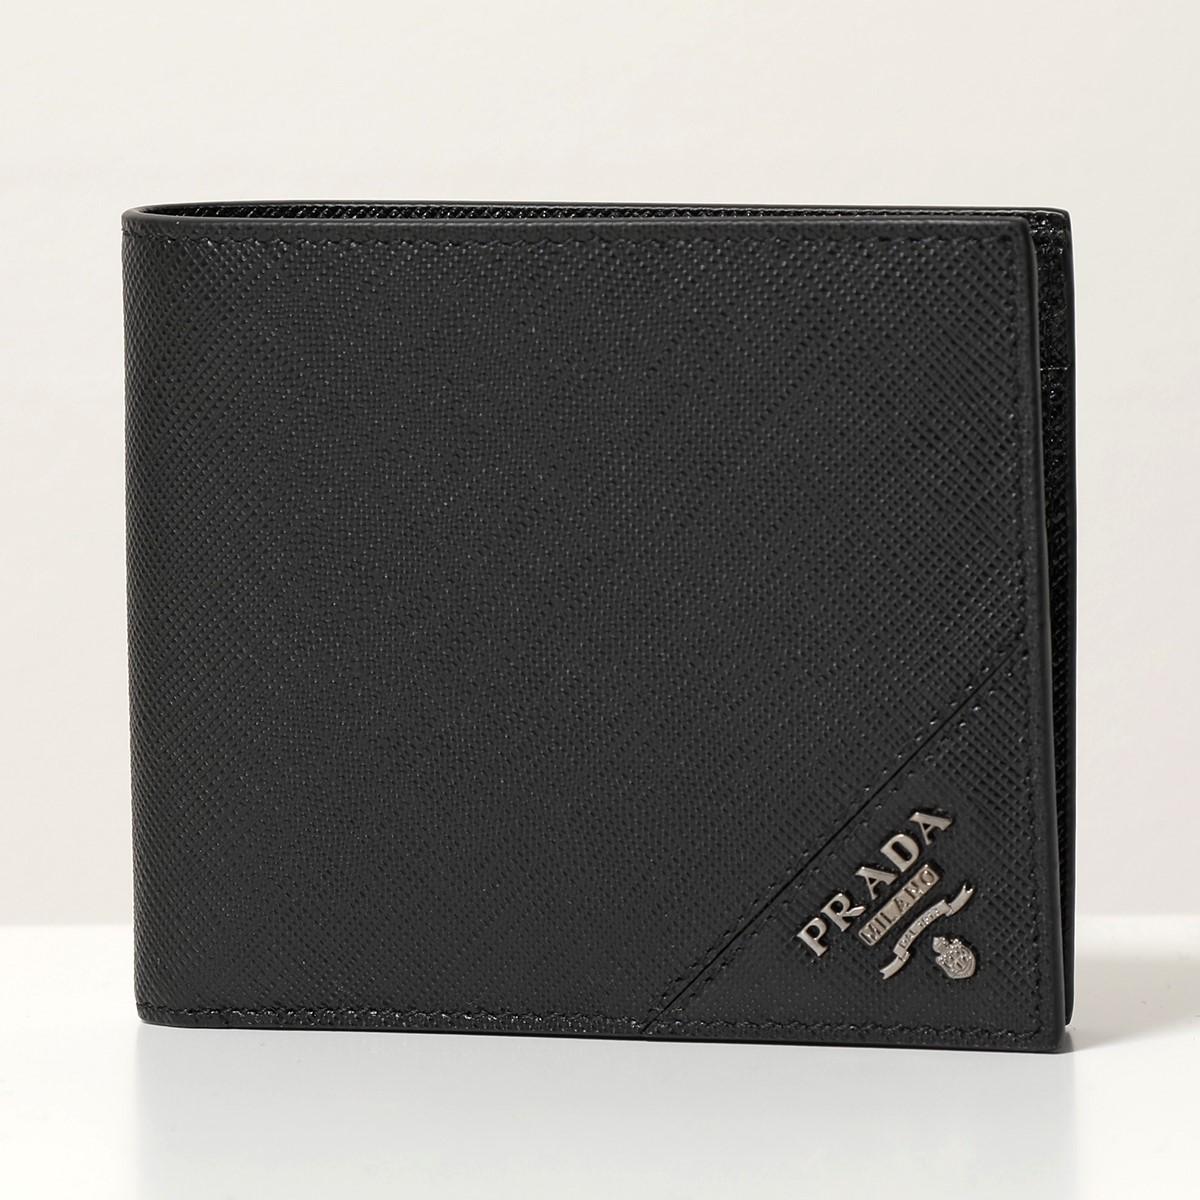 PRADA プラダ メンズ 2MO738 QME F0002 SAFFIANO METAL 小銭入れ付き 二つ折り財布 サフィアーノ レザー カラーNERO/ブラック